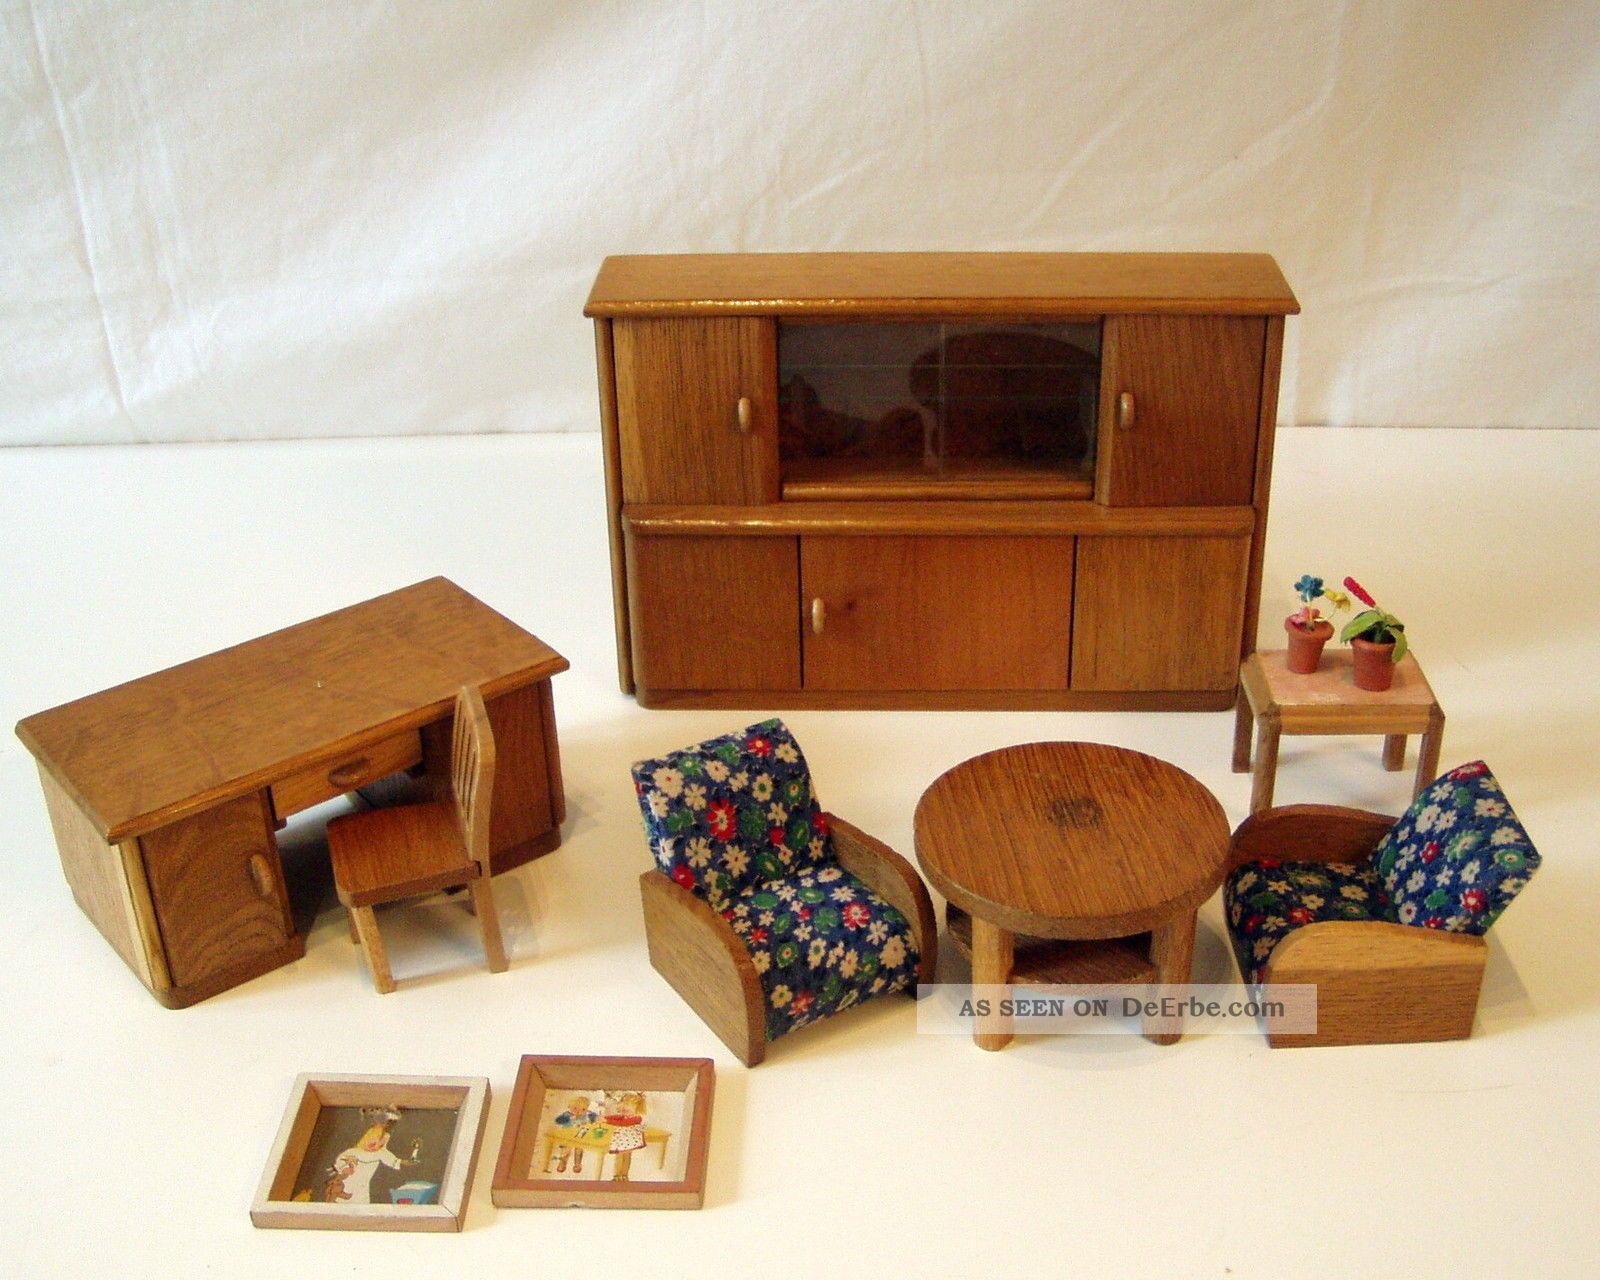 antikspielzeug - puppen & zubehör - puppenstubenzubehör - antiquitäten, Hause ideen